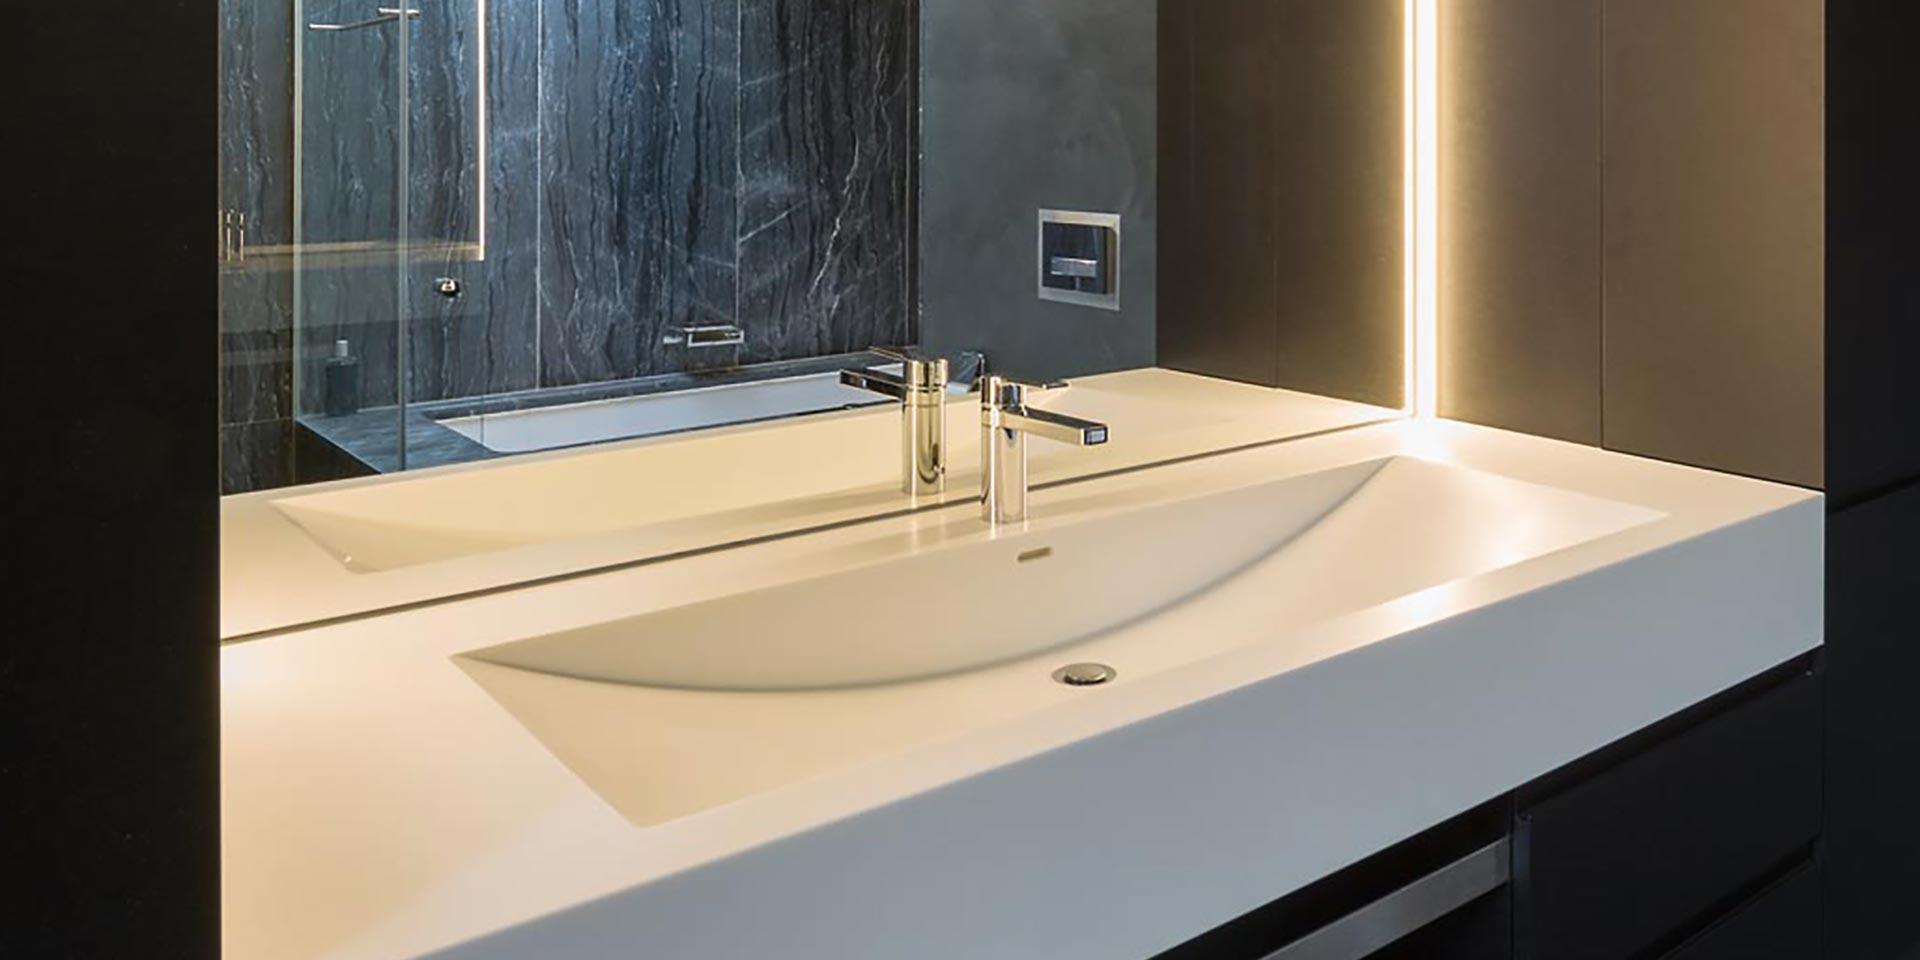 salle-de-bain-valchromat-staron